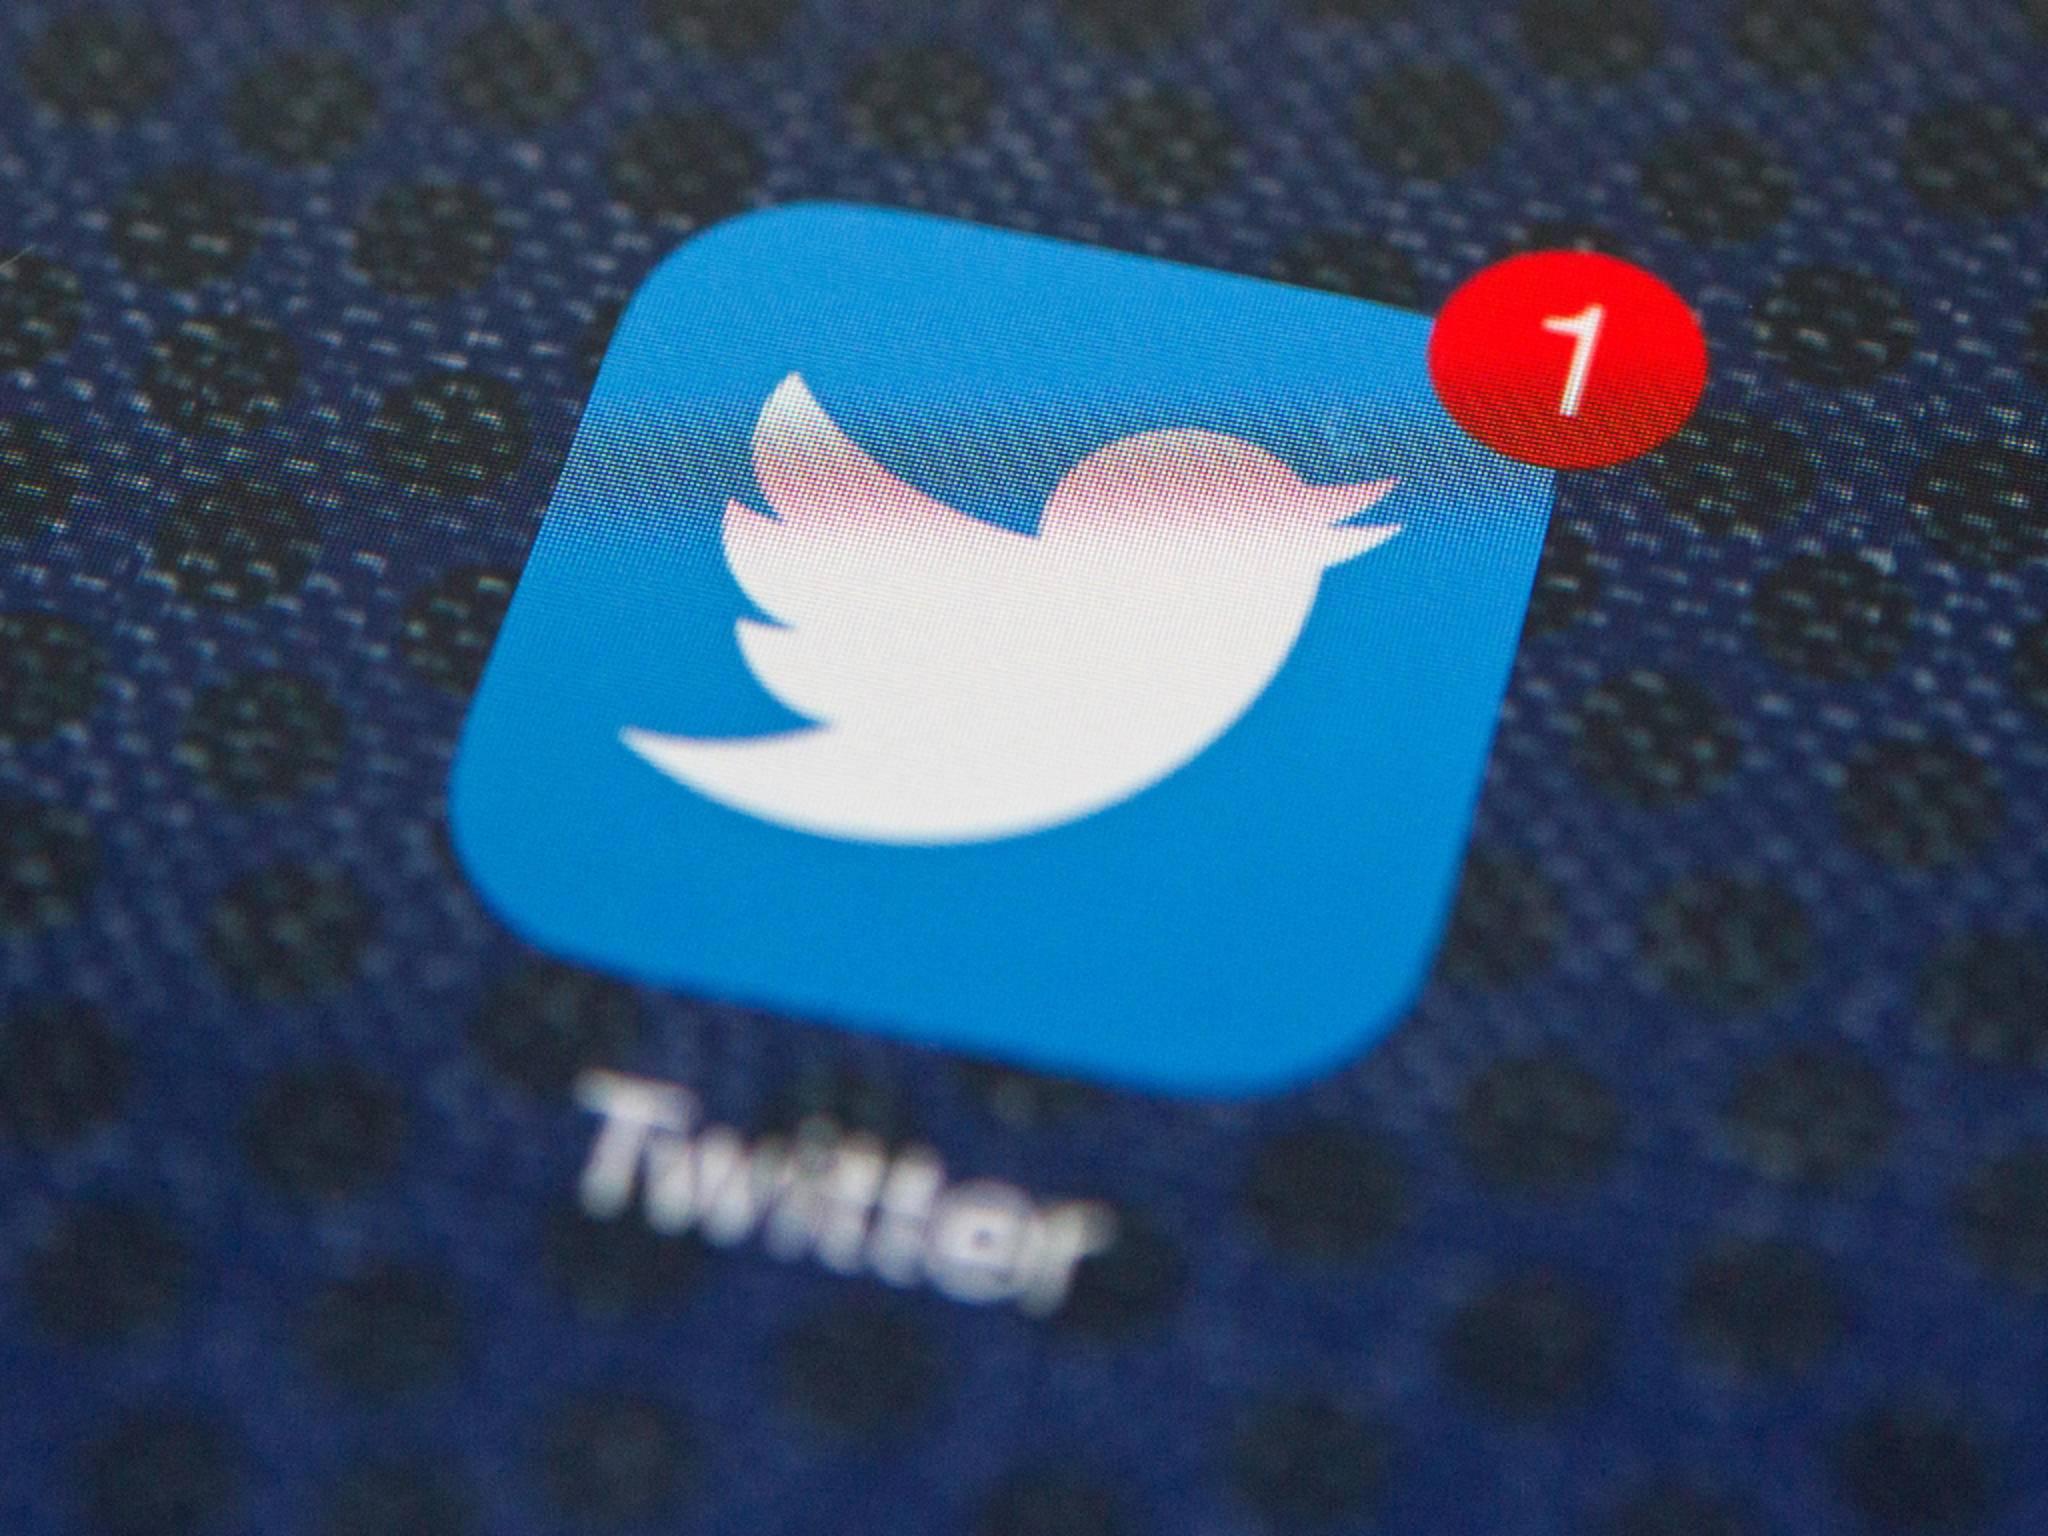 Twitter möchte mit Foursquare den Standortdienst entwickeln.